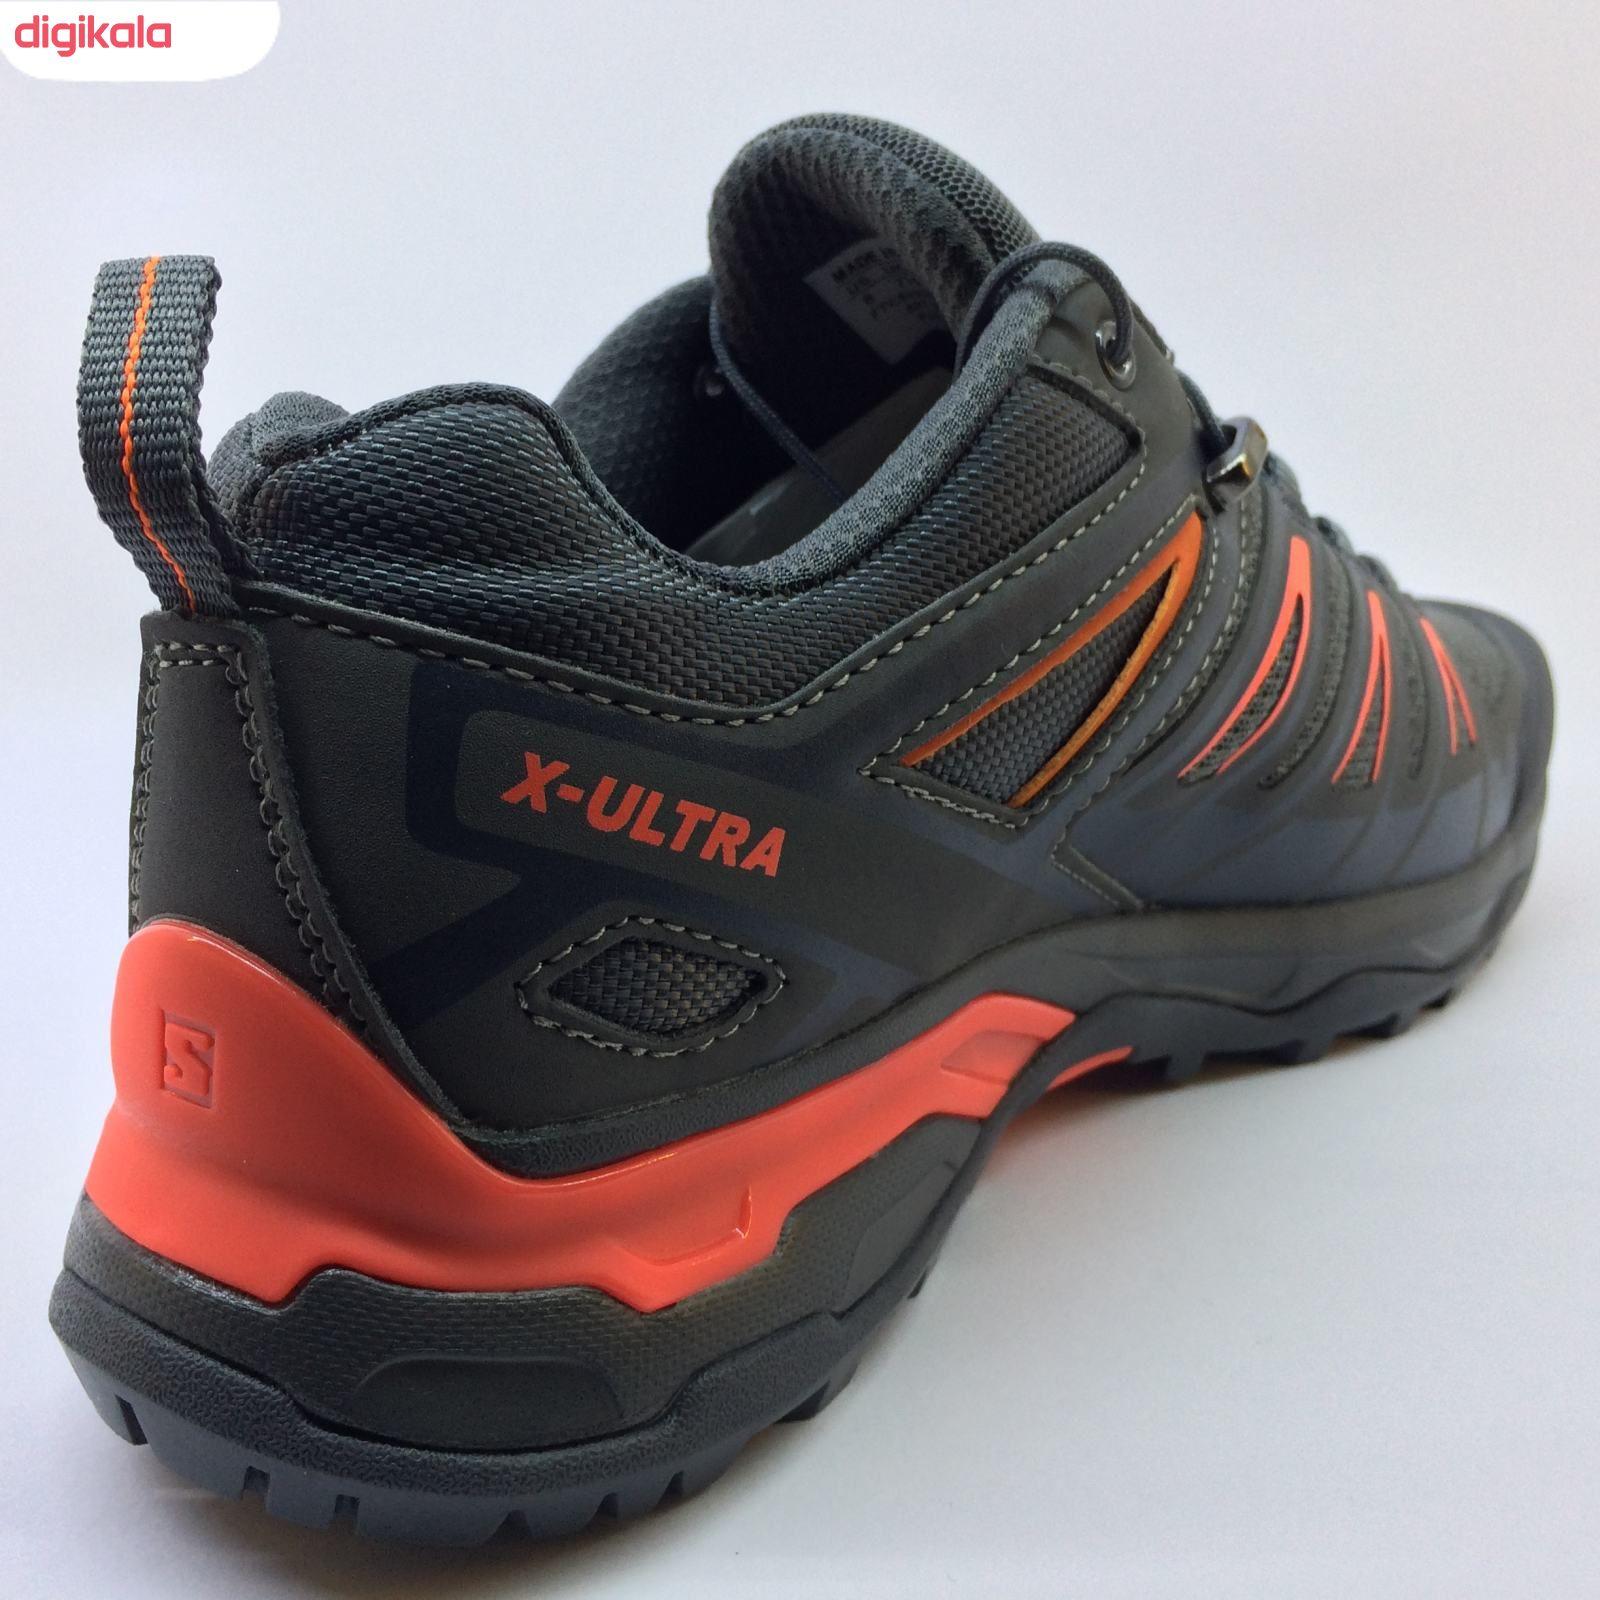 کفش کوهنوردی مردانه  مدل X-ultra3 main 1 2